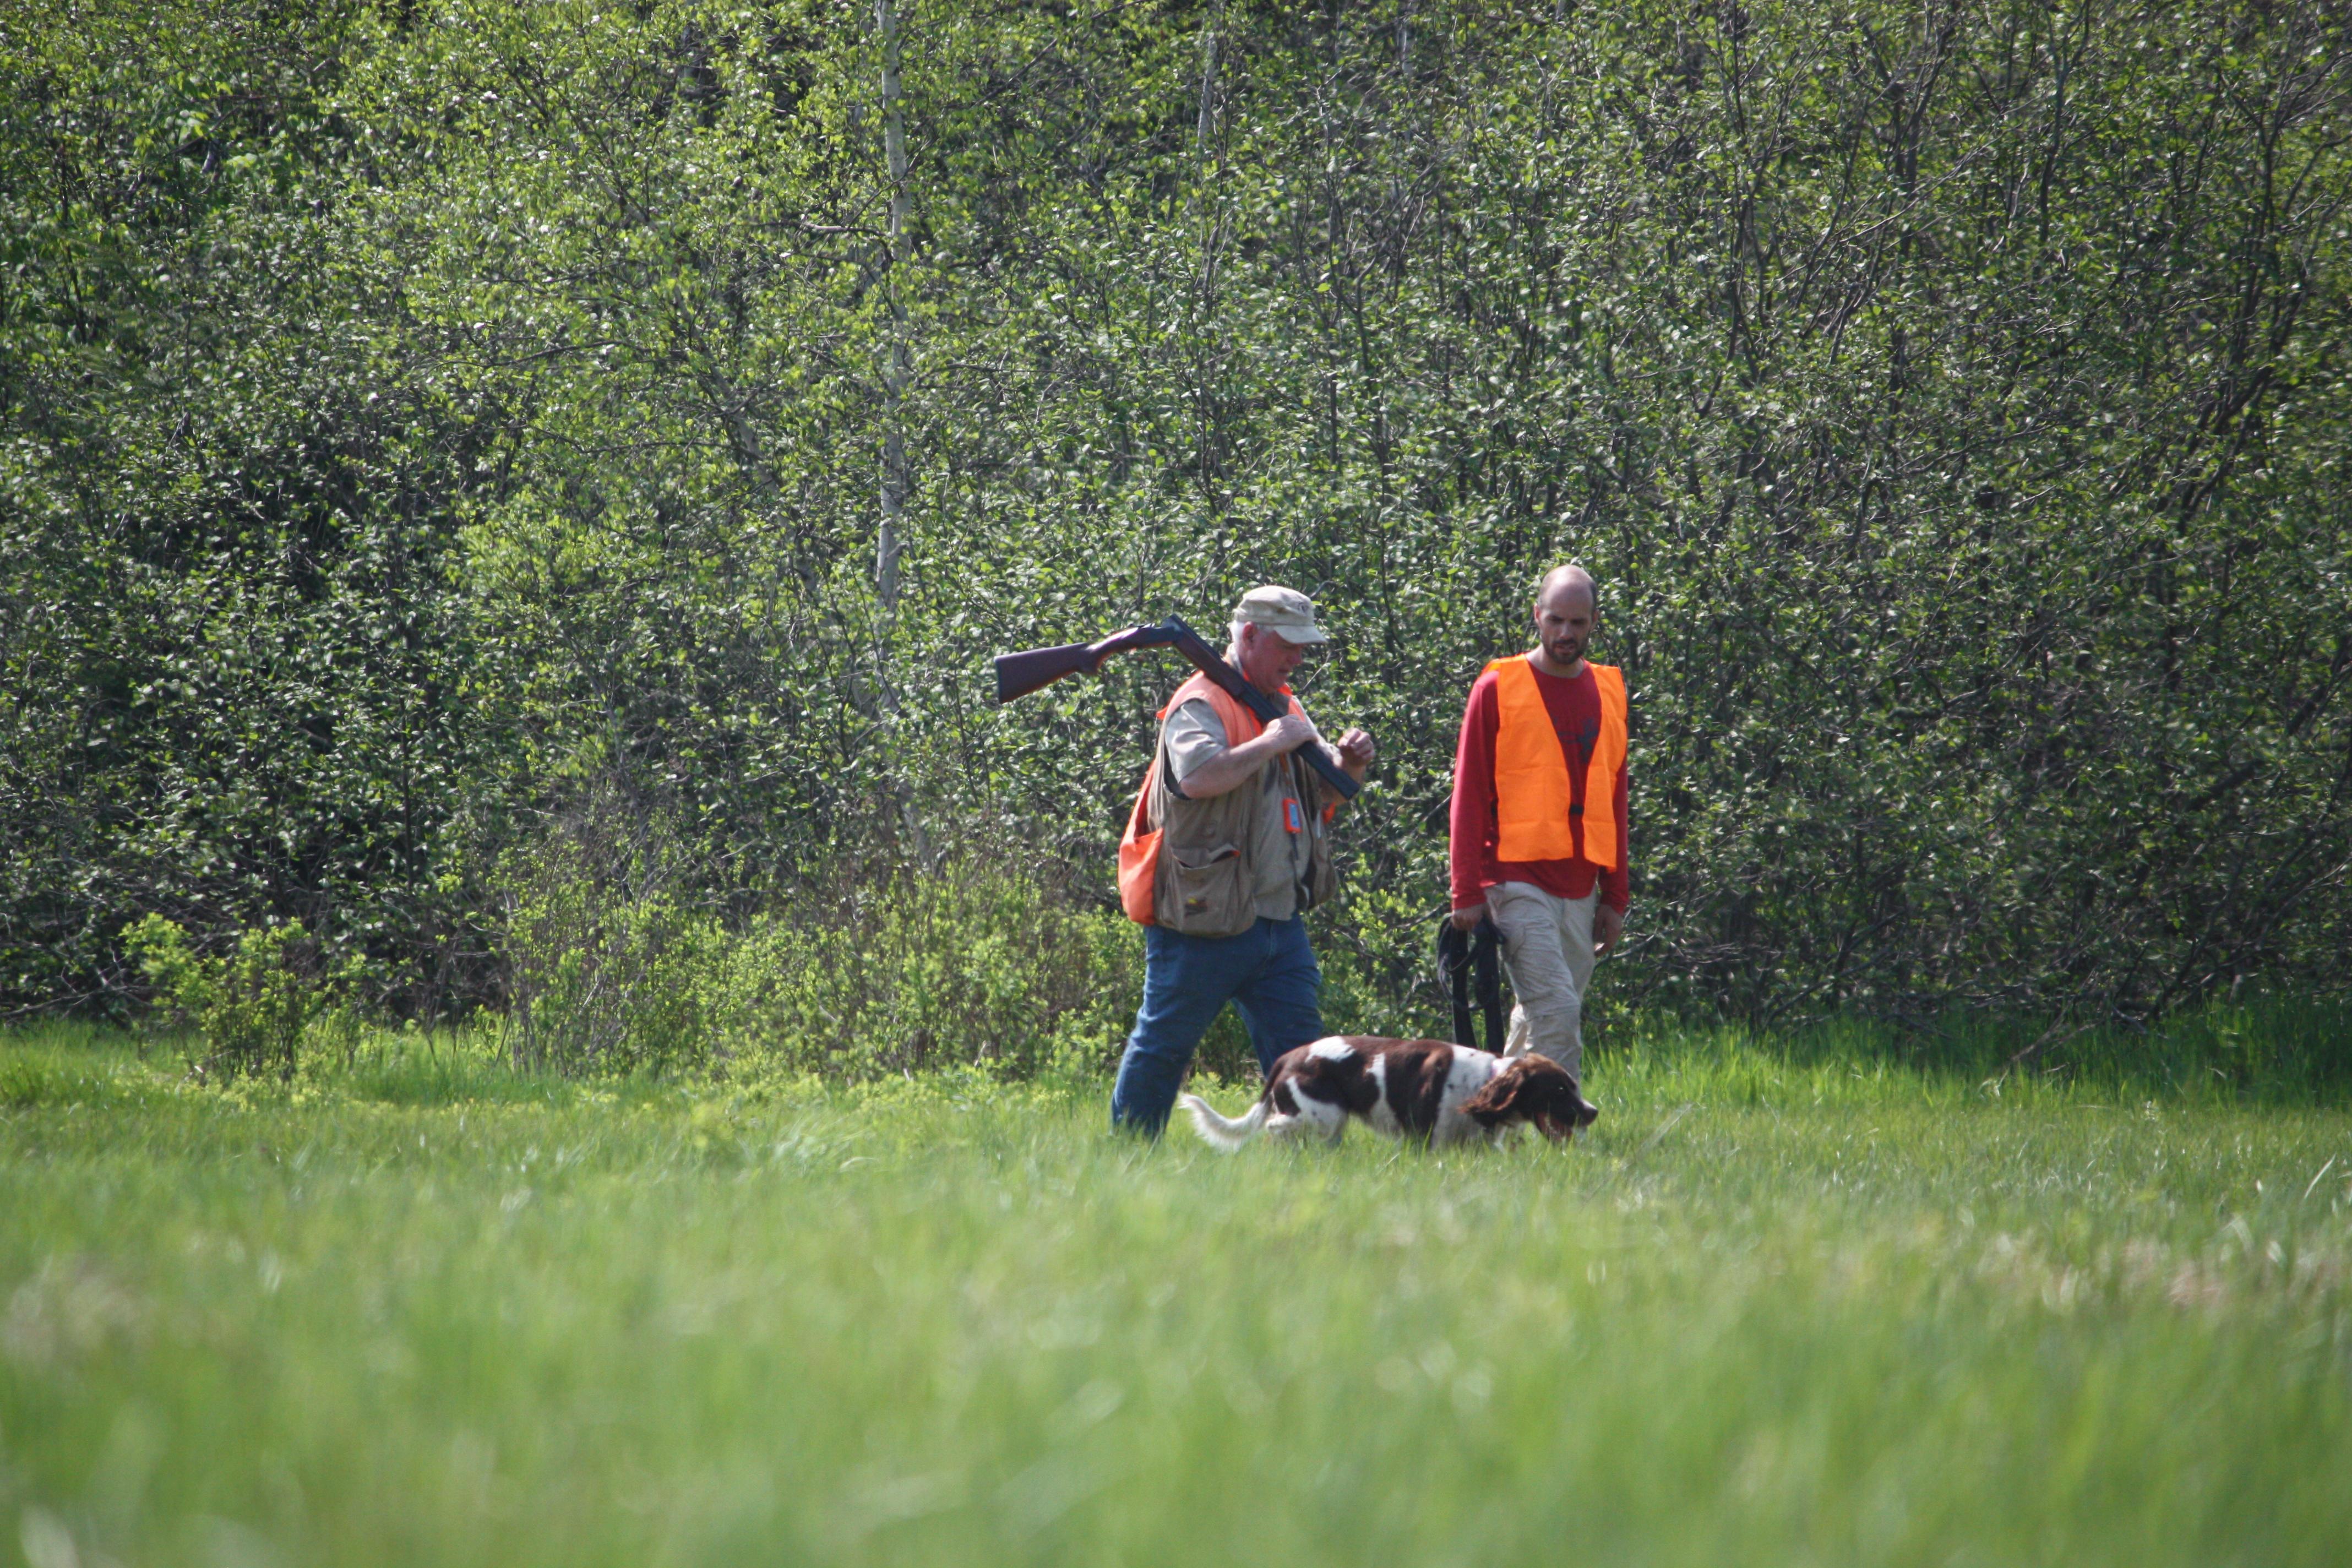 L'epagneul francais et la chasse